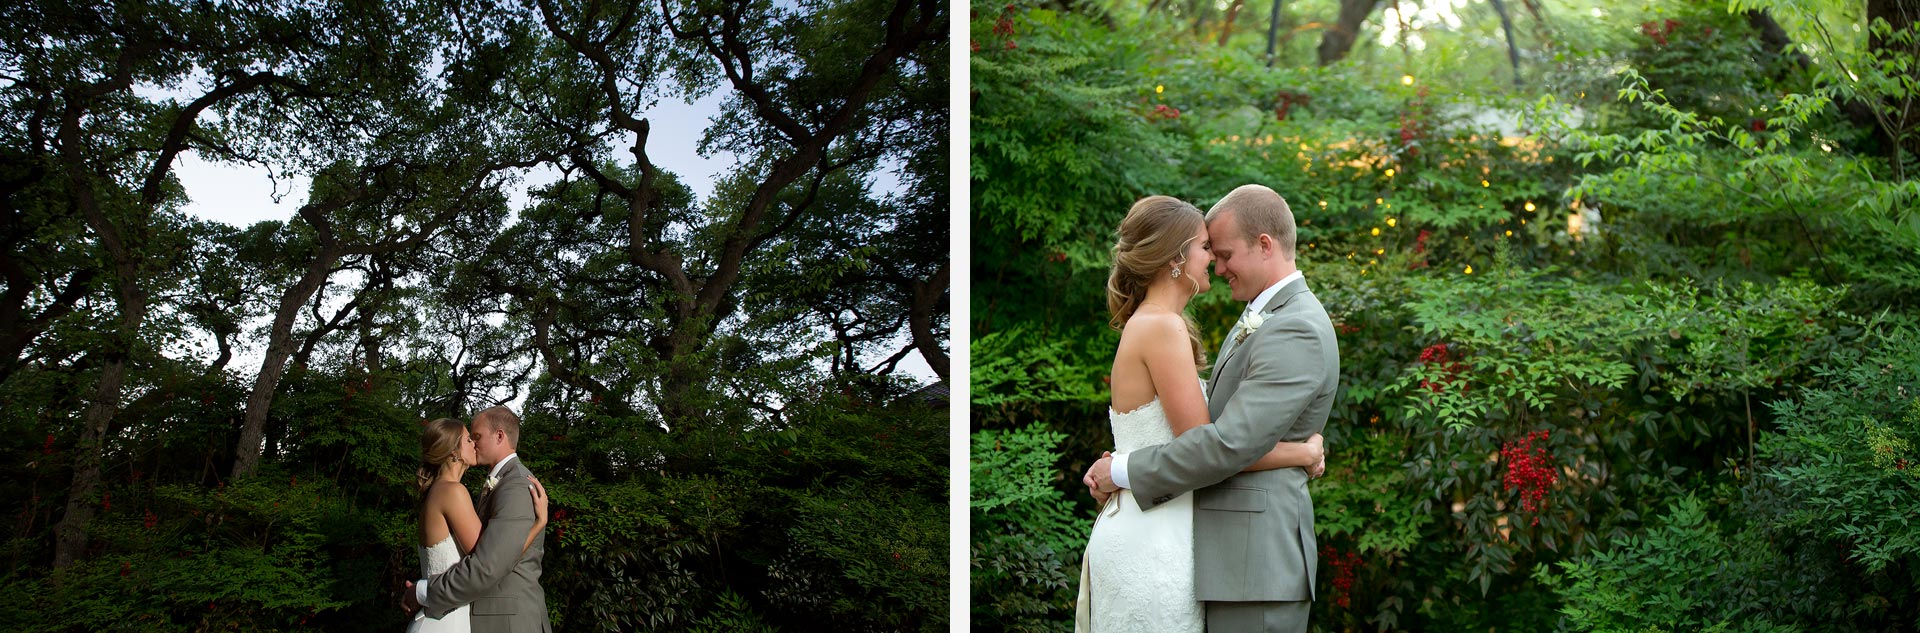 Amazing Austin Wedding Photographers